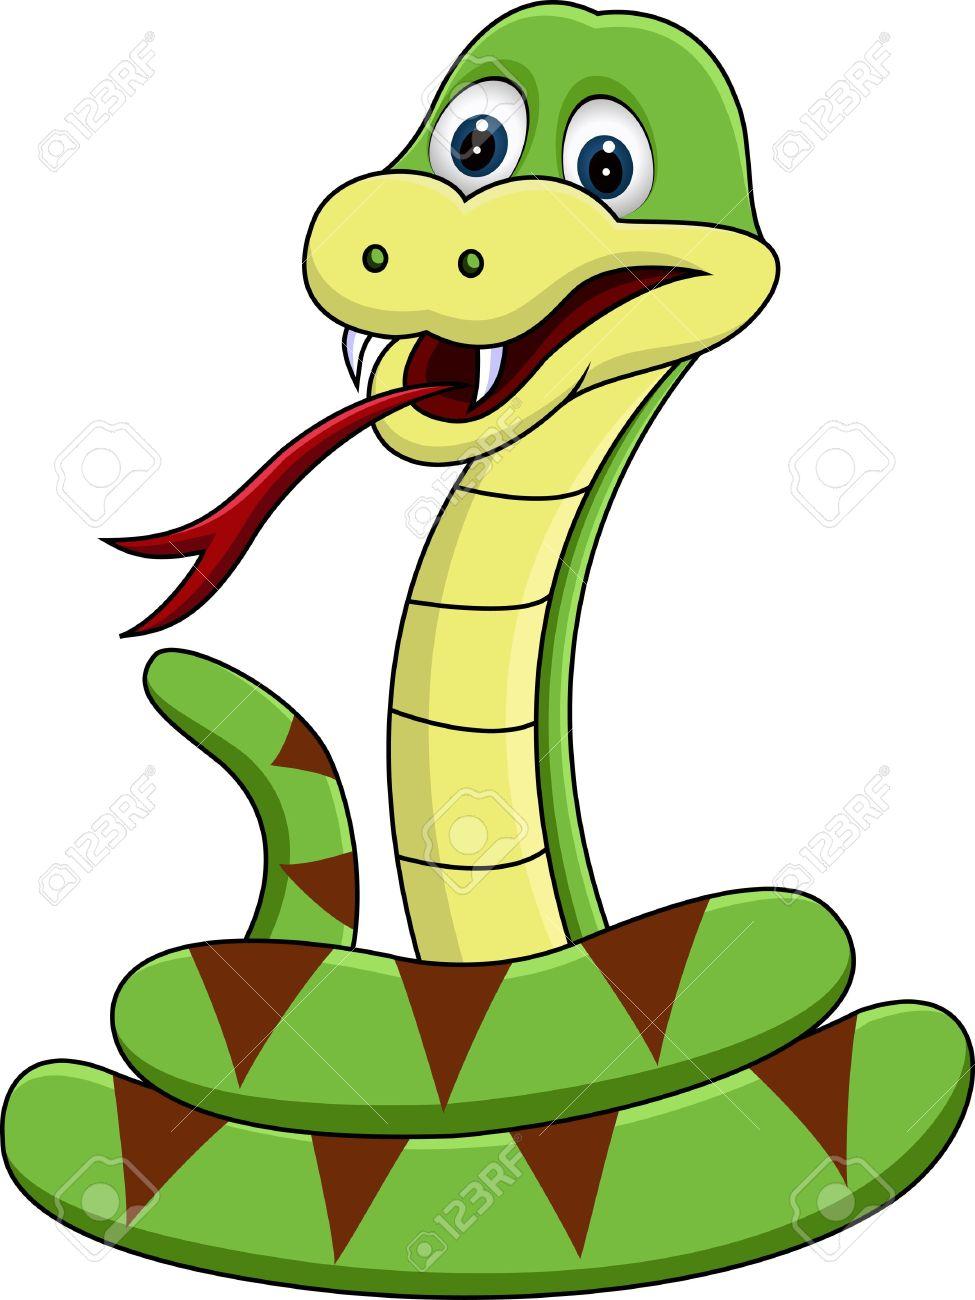 Reptile clipart funny #1